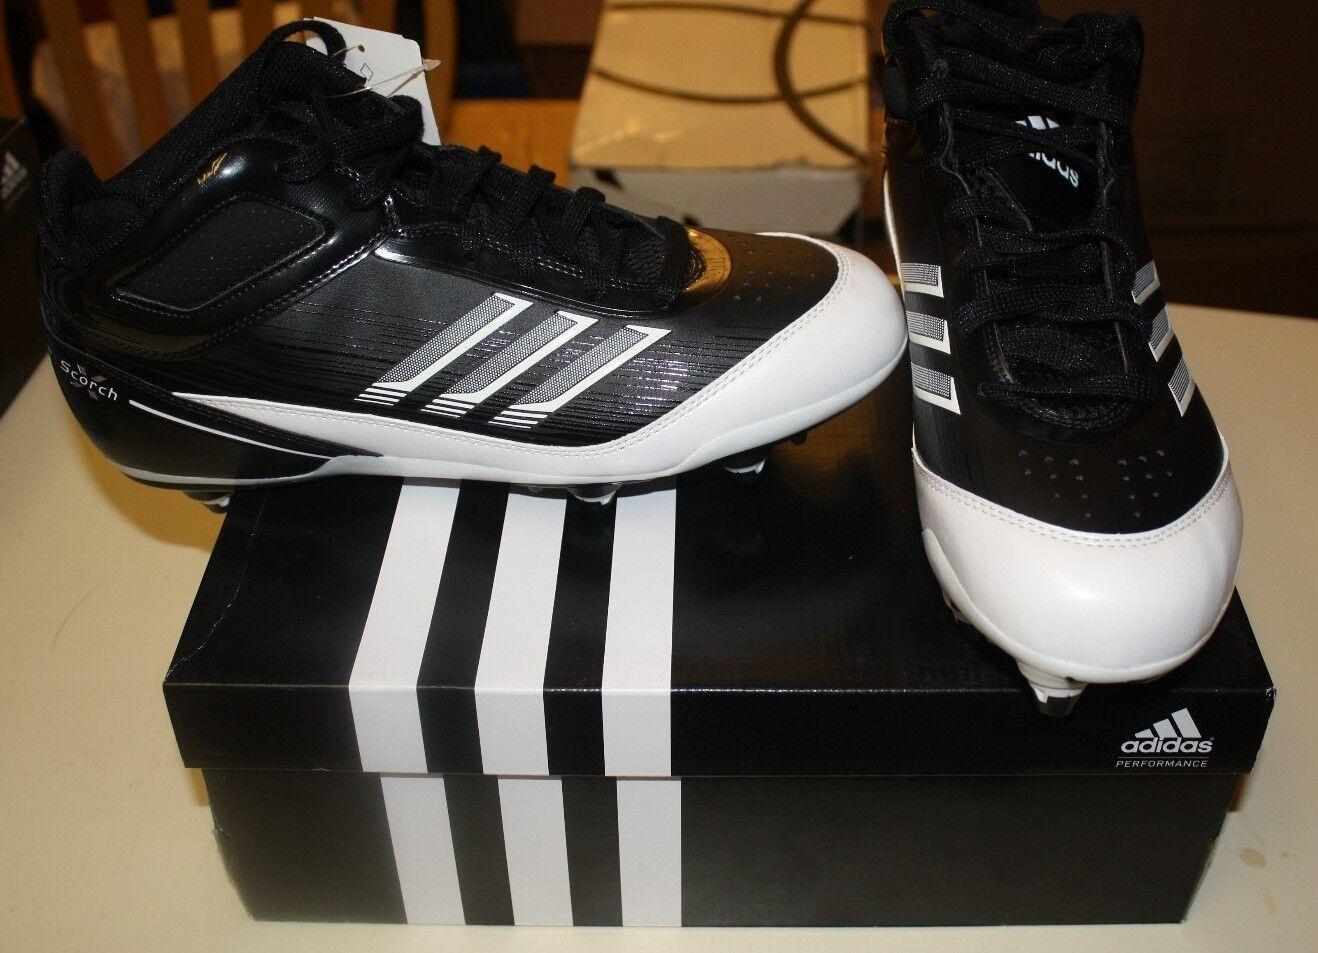 Adidas scorch x super mitte schuhe größe shipping bei 11,5 schwarze free shipping größe nib 004d02